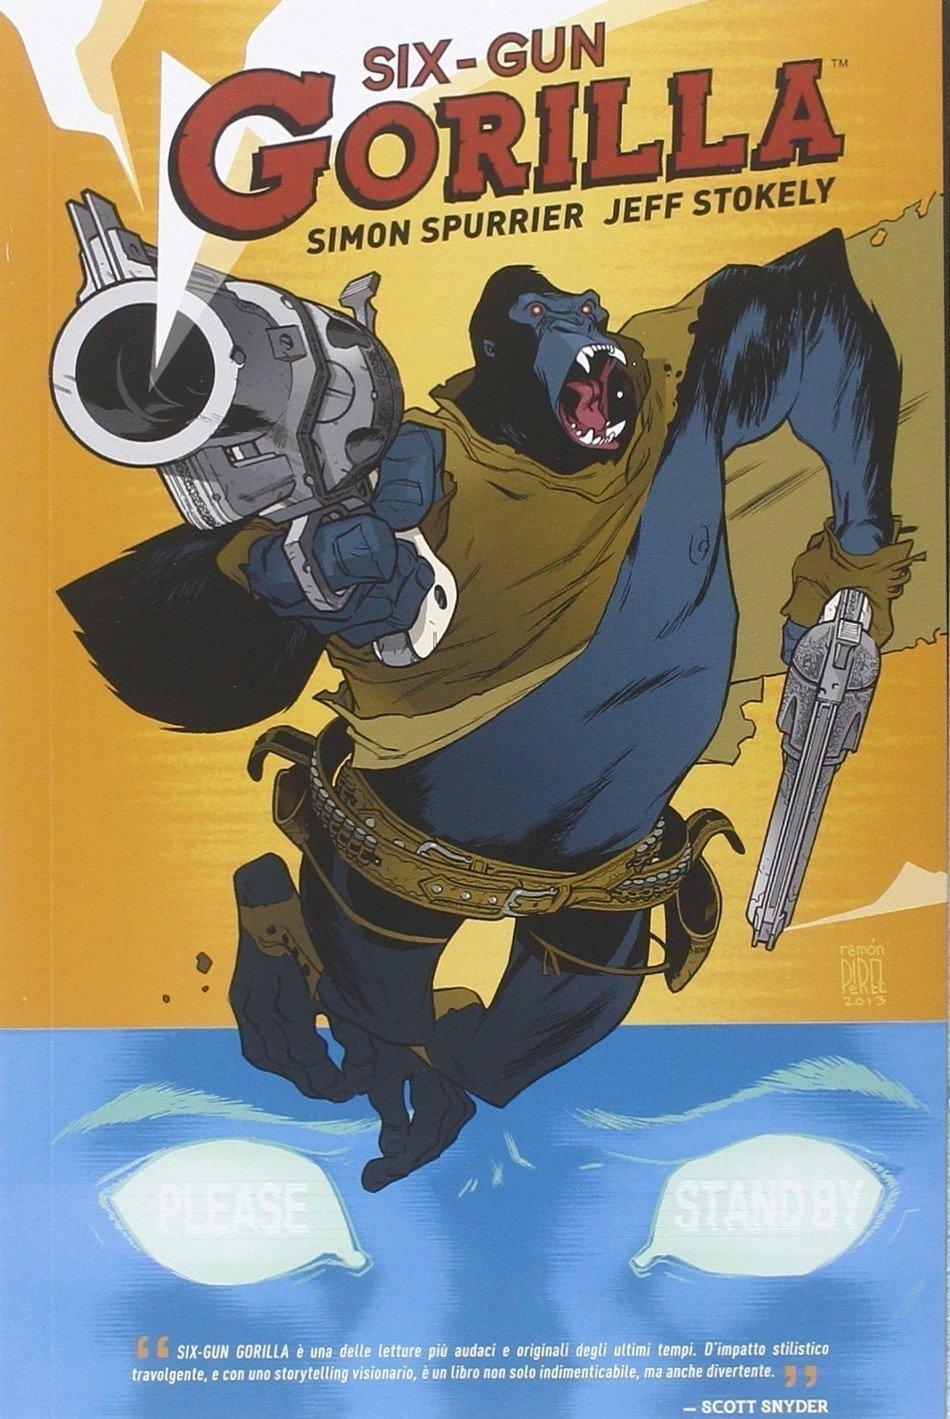 six-gorilla-gun